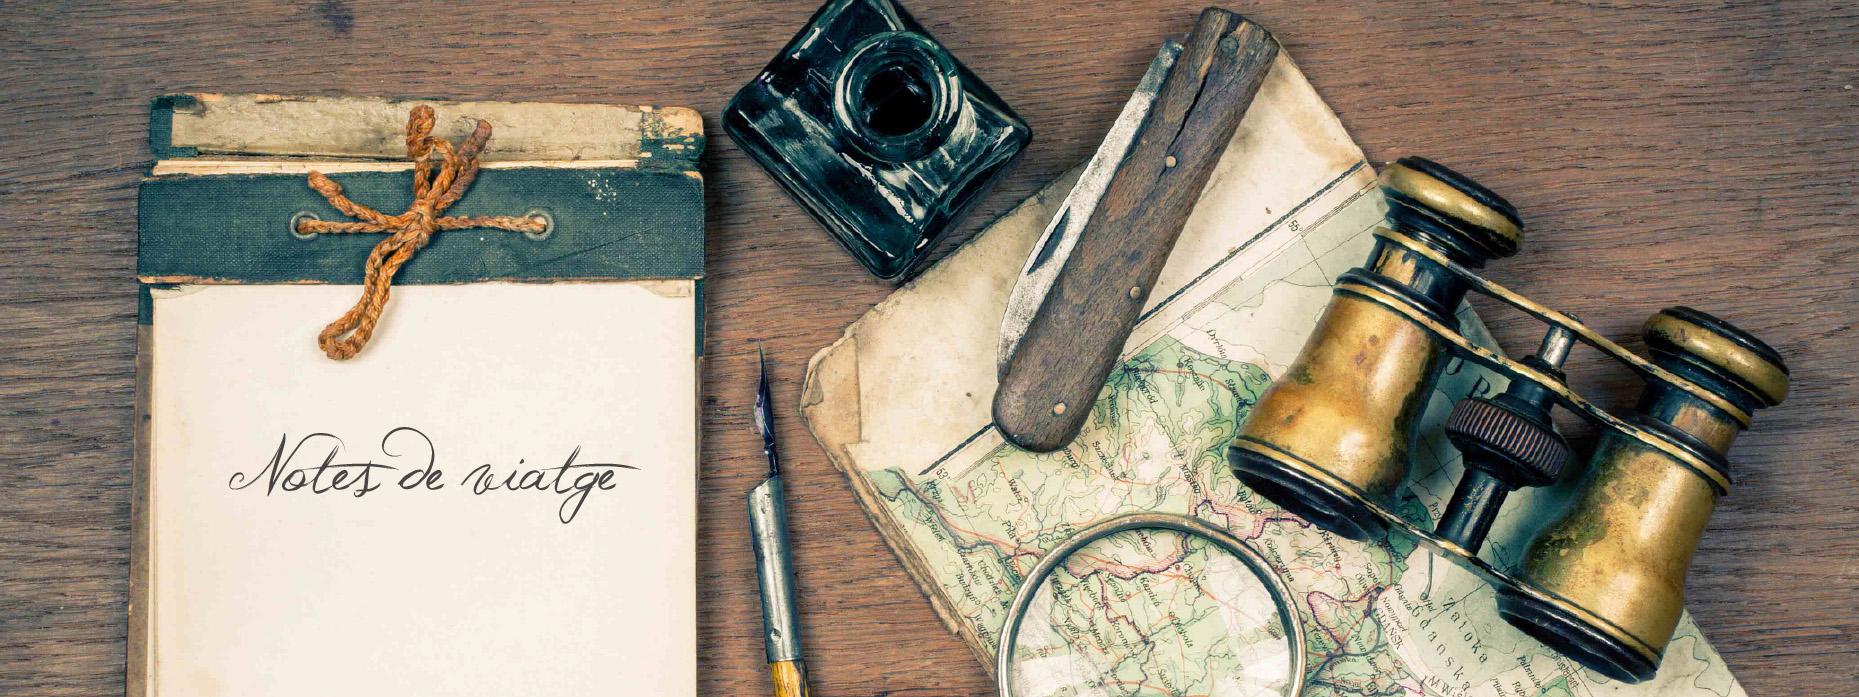 notes de viatge millennnials